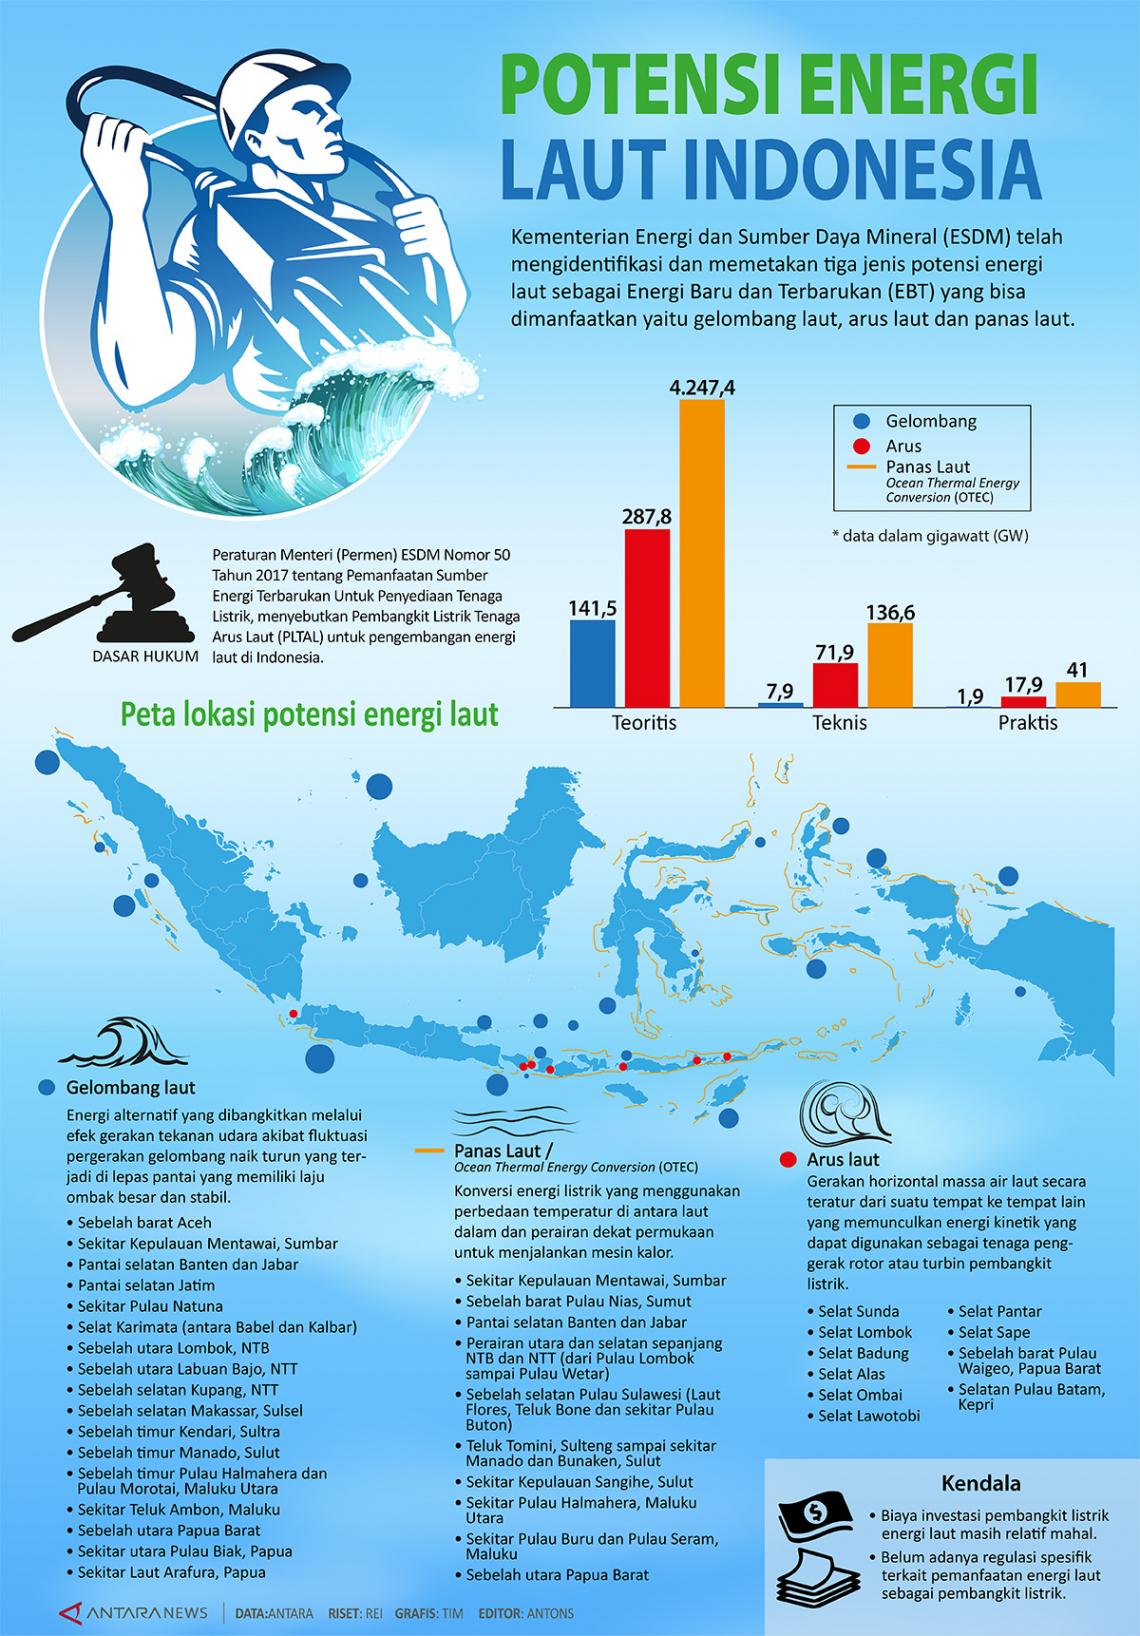 Potensi Energi Laut Indonesia